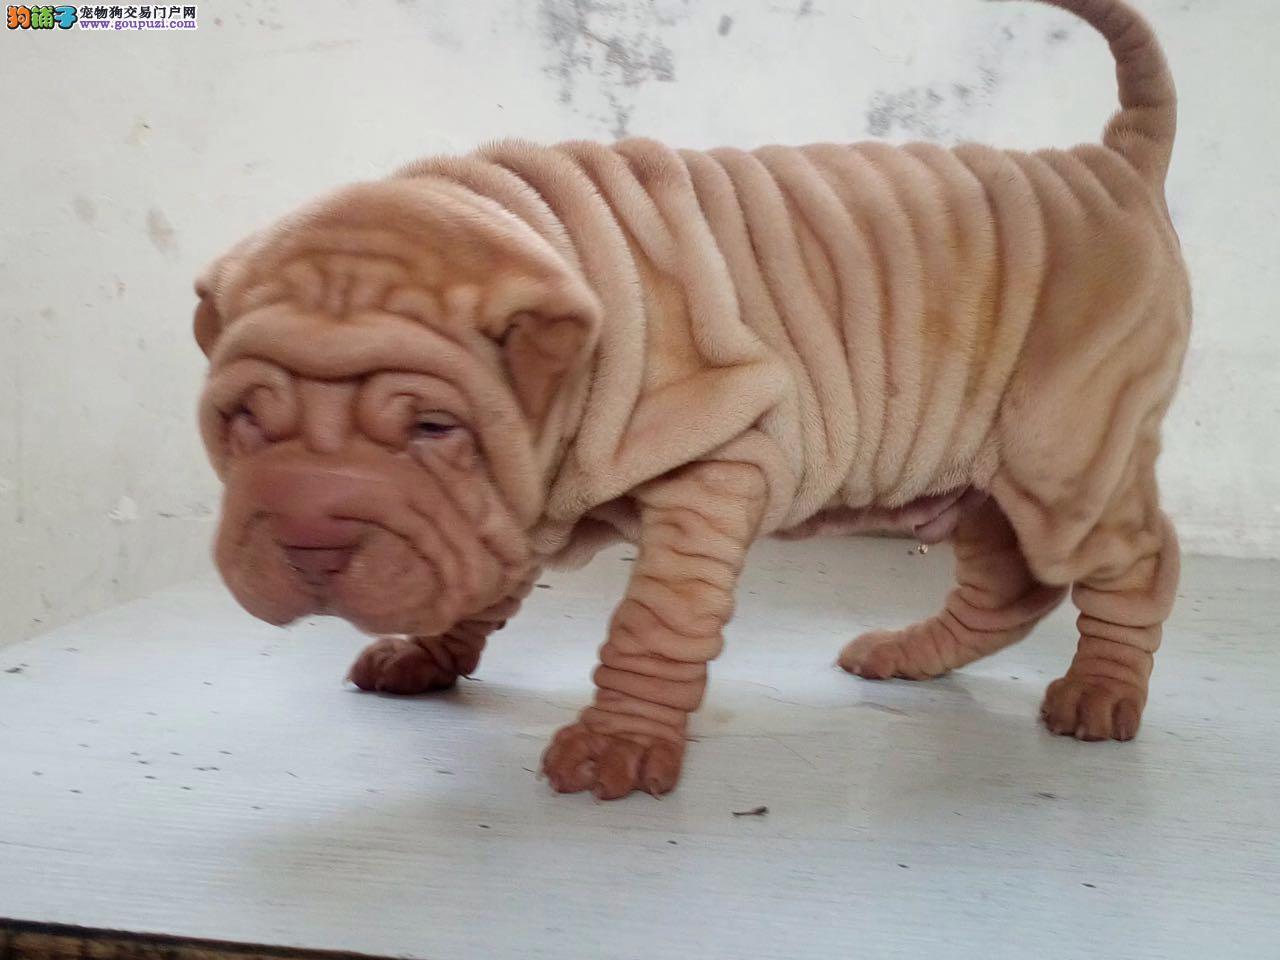 正规繁育中心 纯种健康的精品沙皮幼犬出售